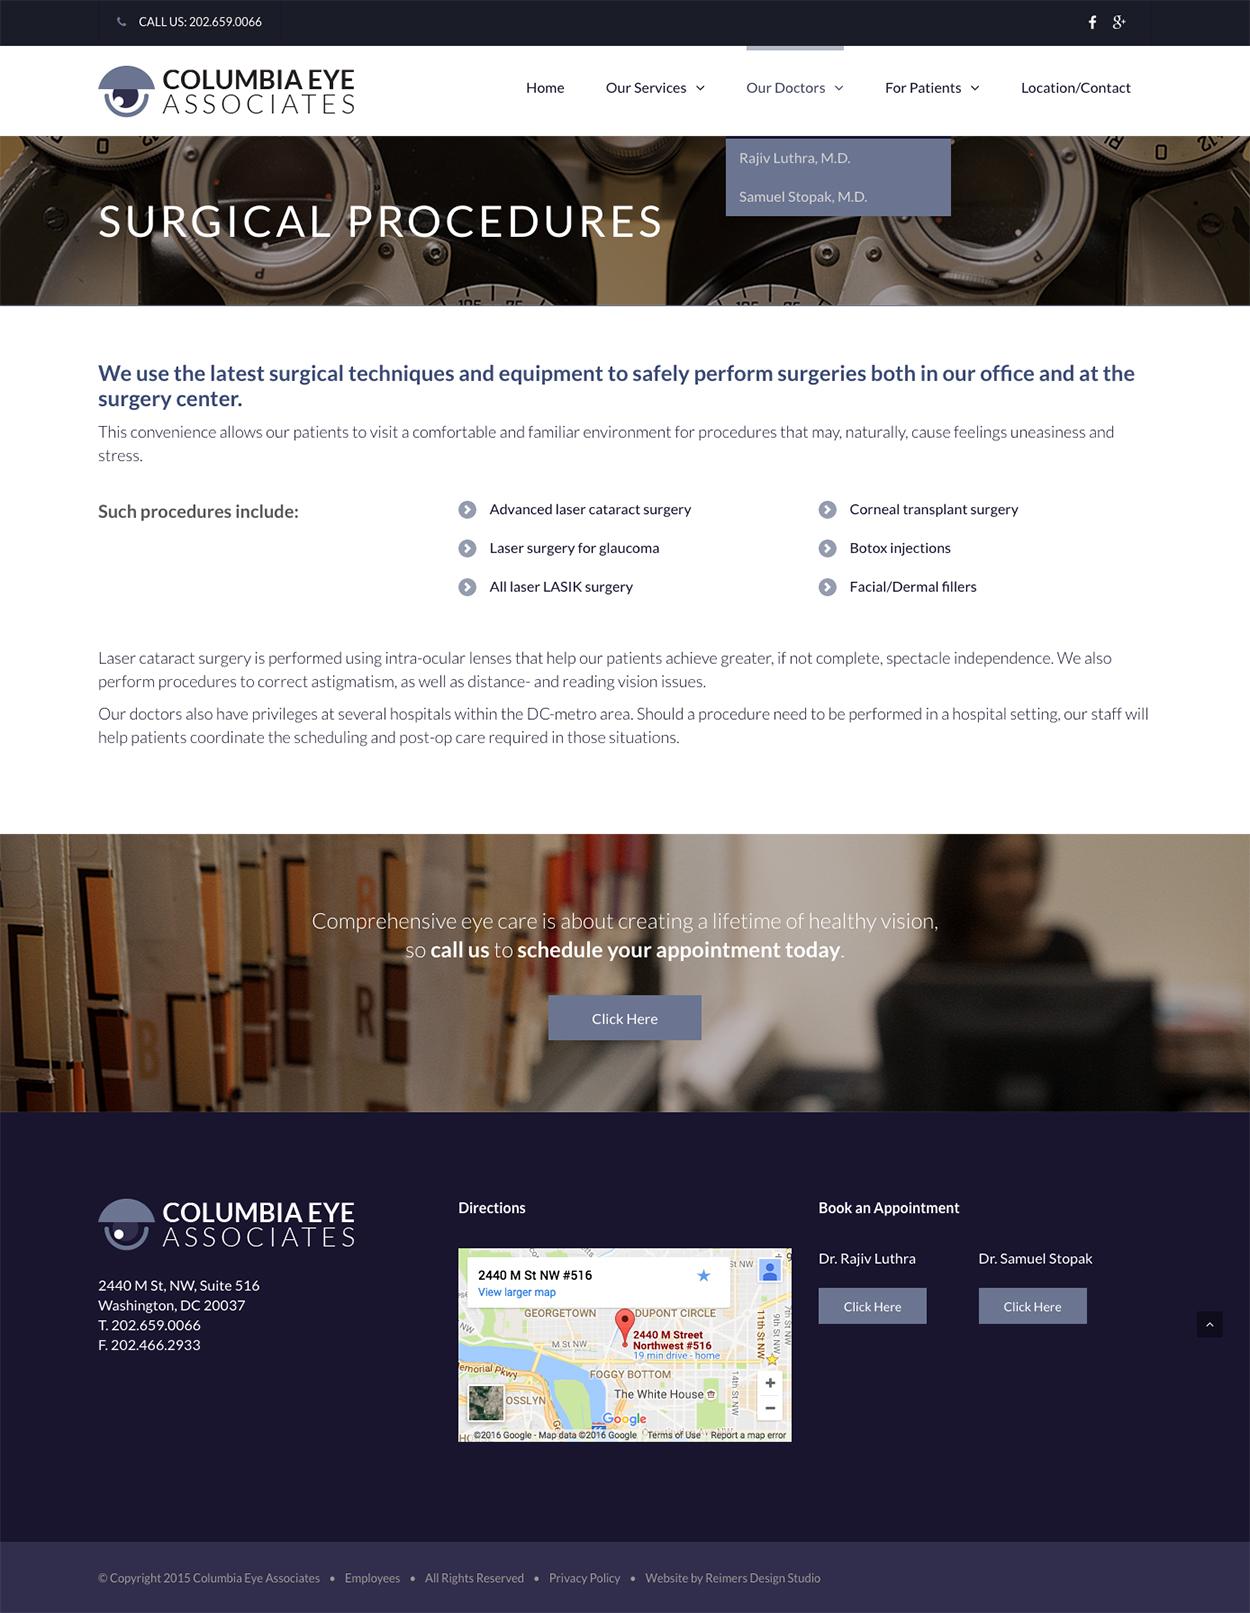 Columbia Eye Associates - Surgical Procedures